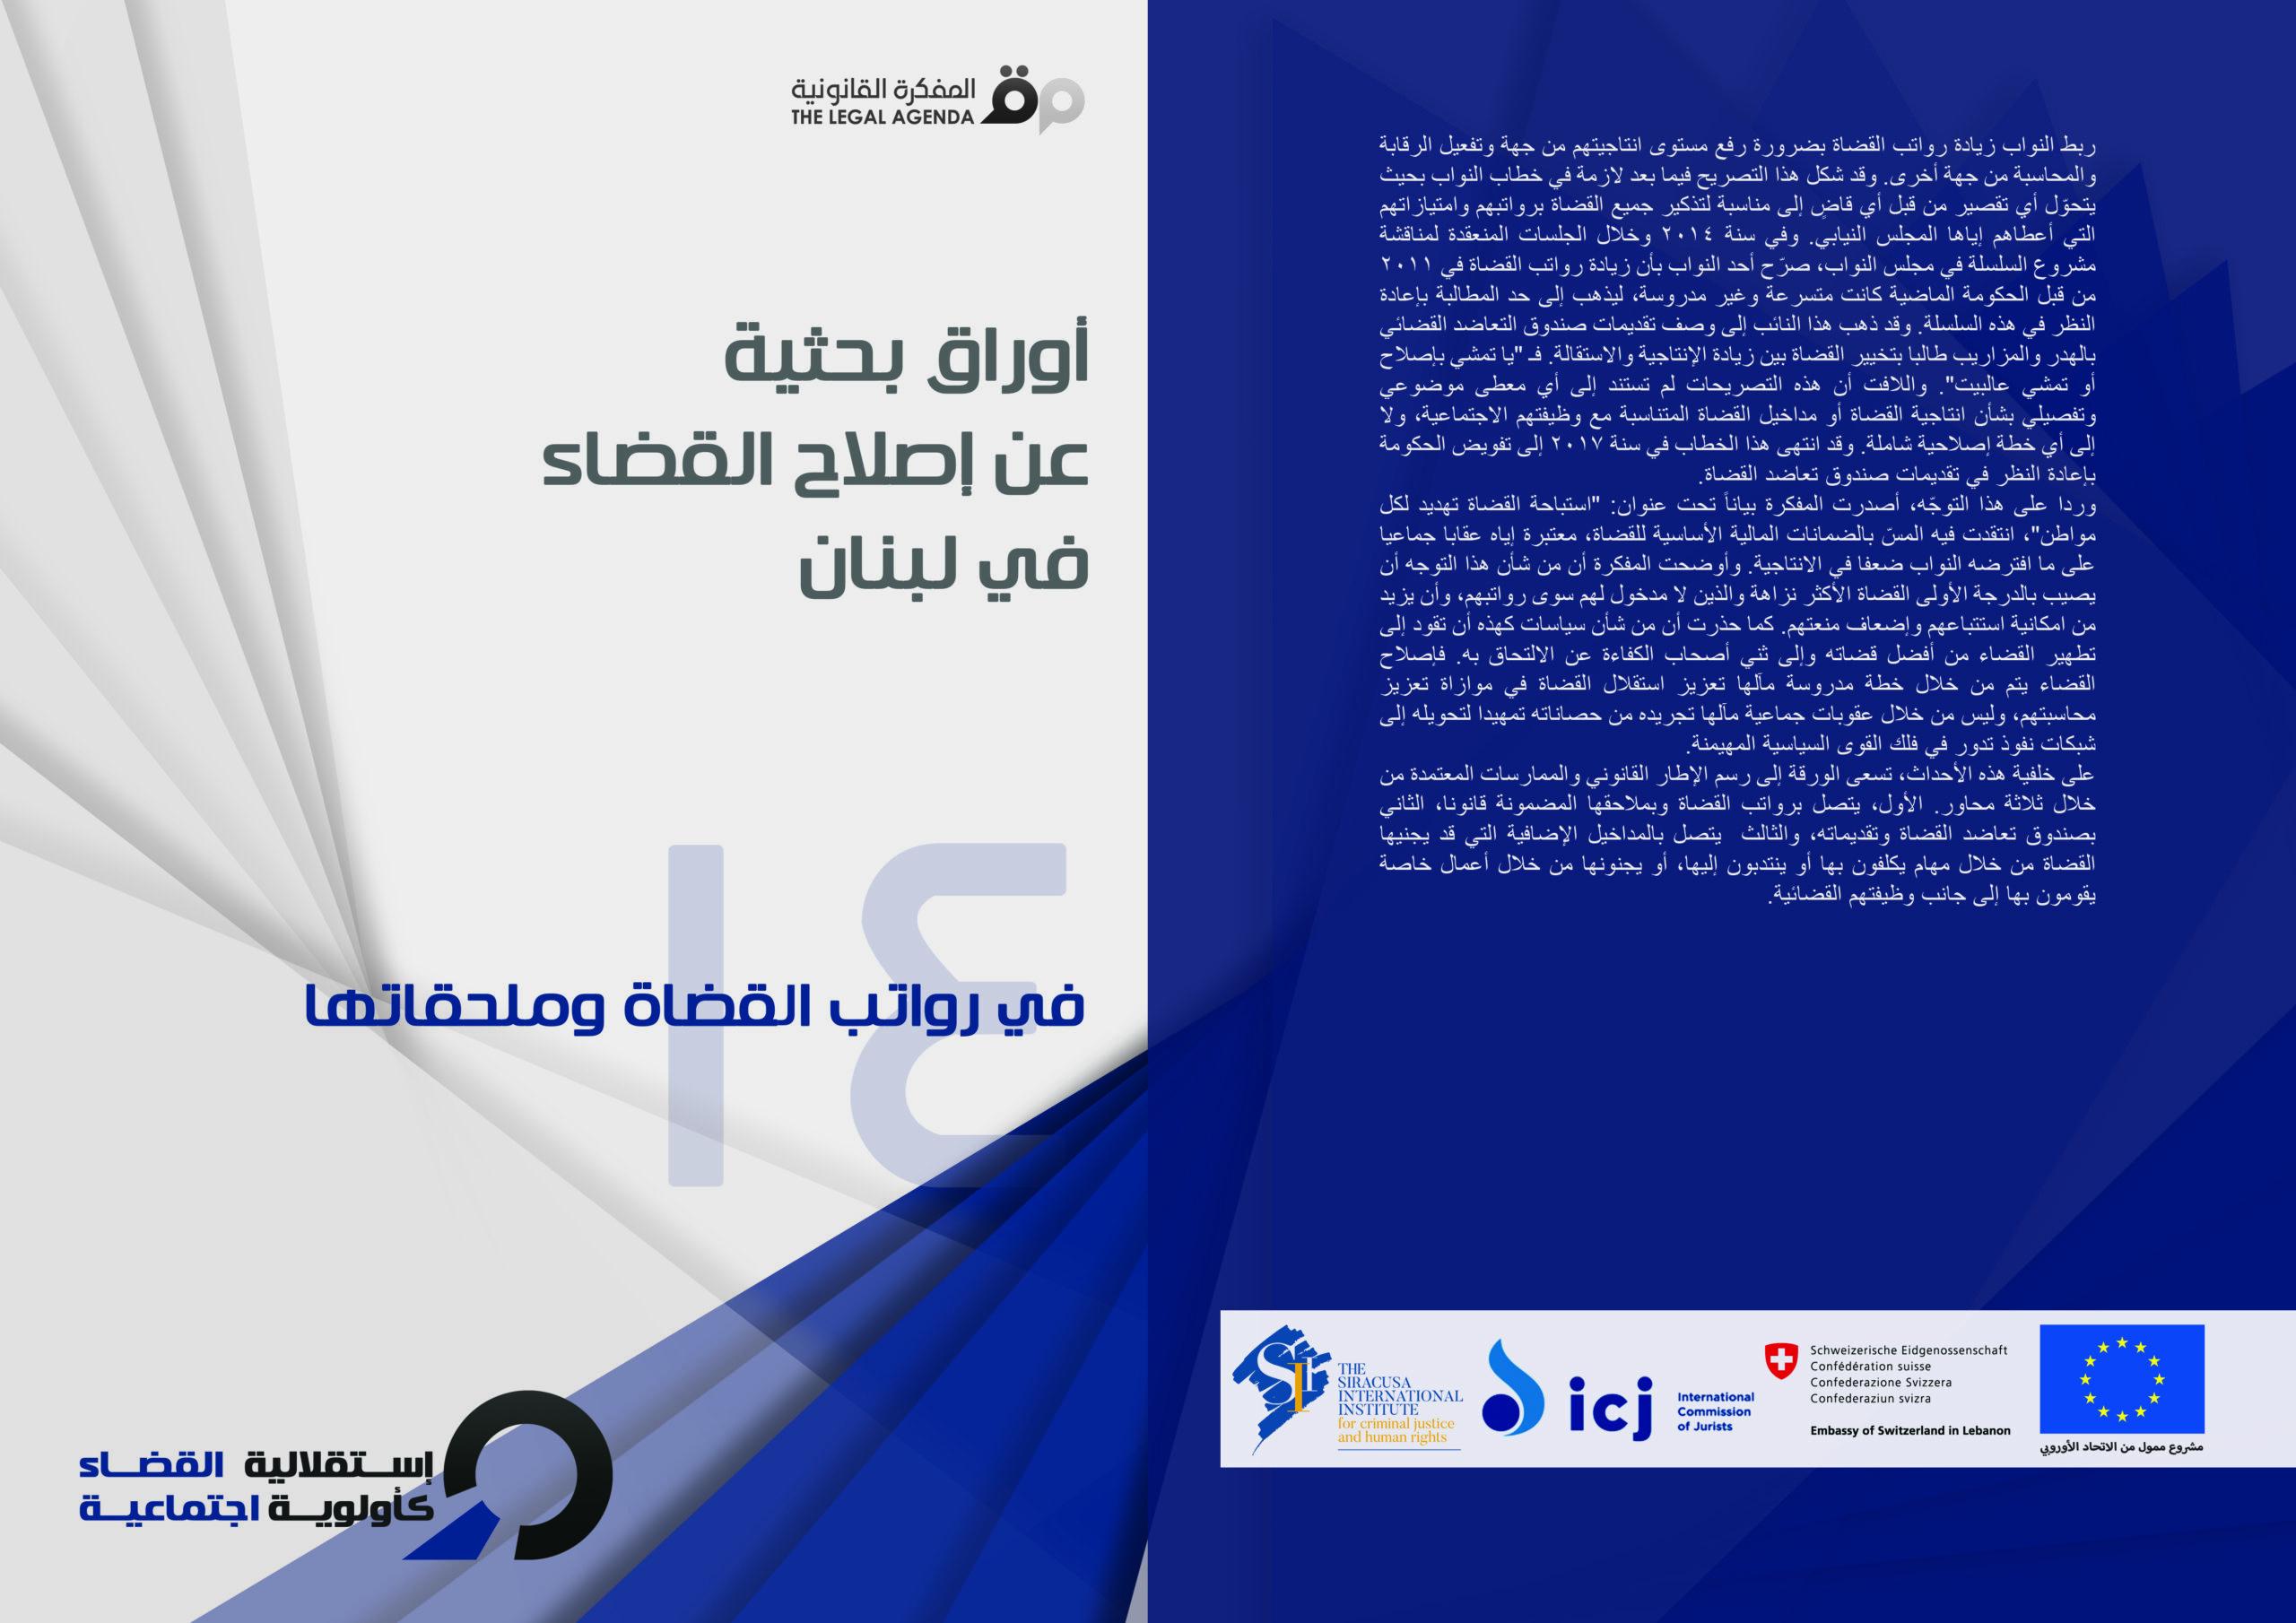 المفكرة تنشر ورقتها البحثية ال14 حول إصلاح القضاء في لبنان: رواتب القضاة وملحقاتها